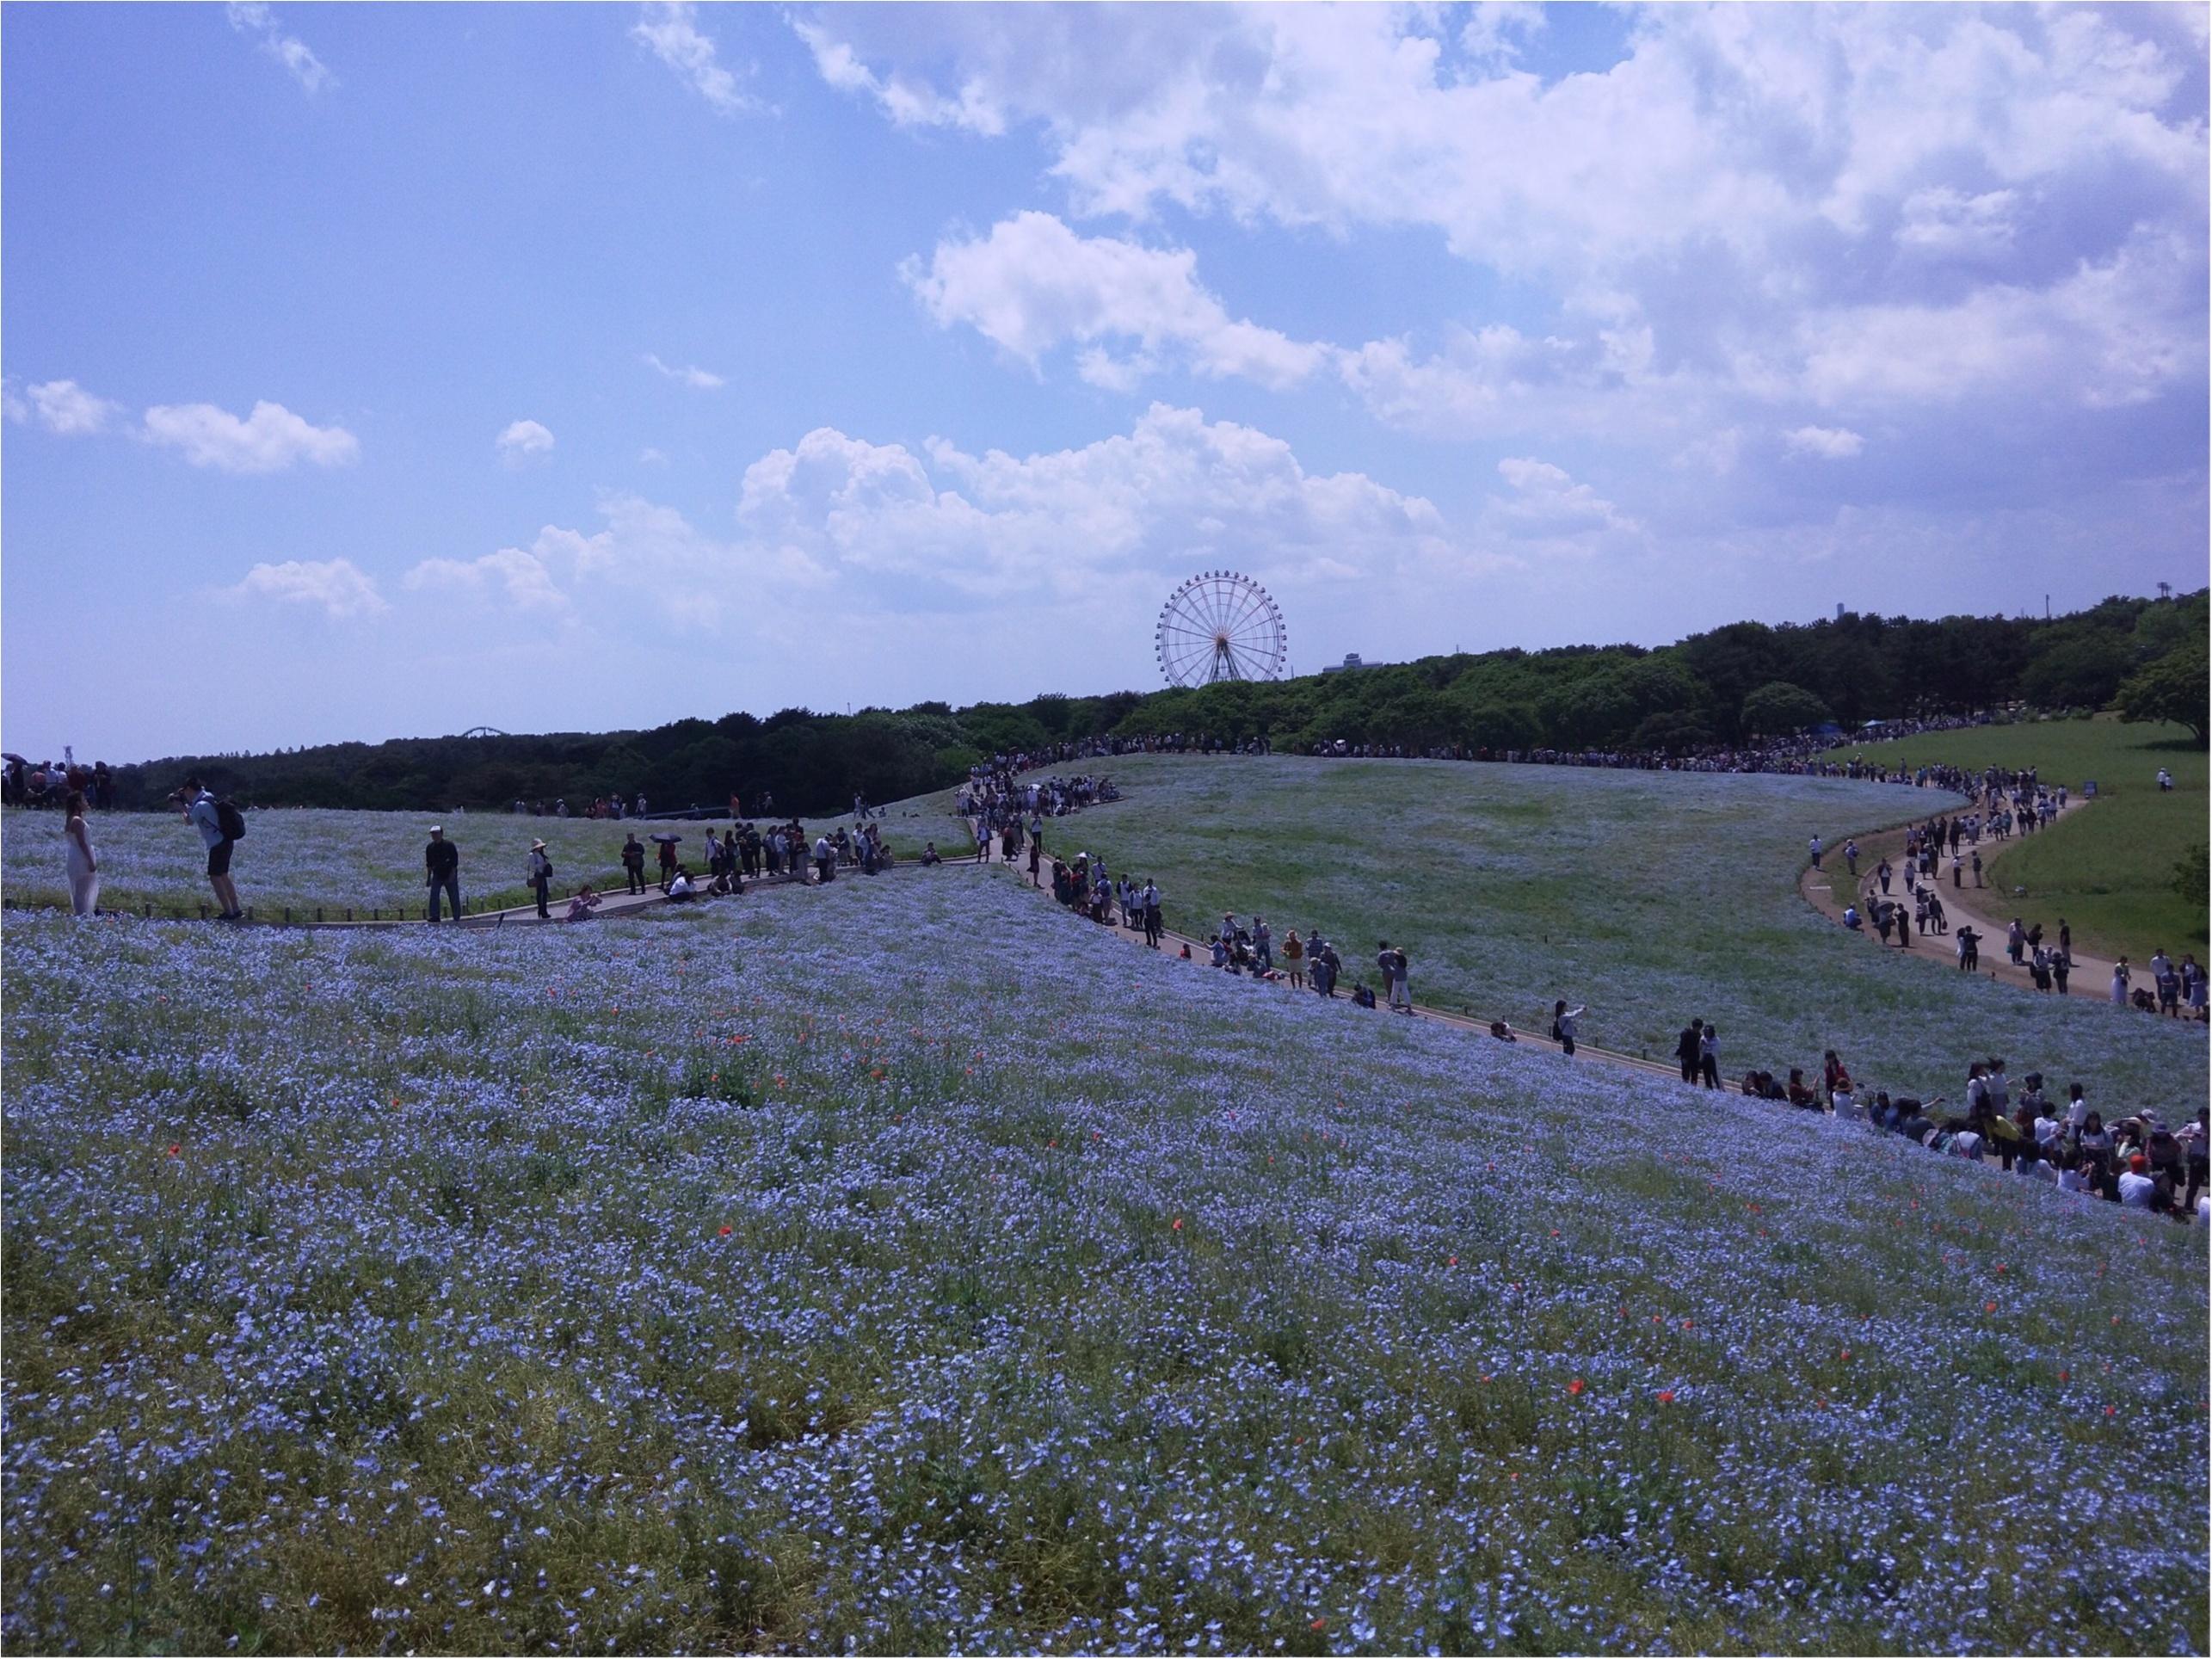 丘一面に広がる青い絨毯「ネモフィラ」観賞と新鮮な海鮮丼を食すバスツアー✨_1_2